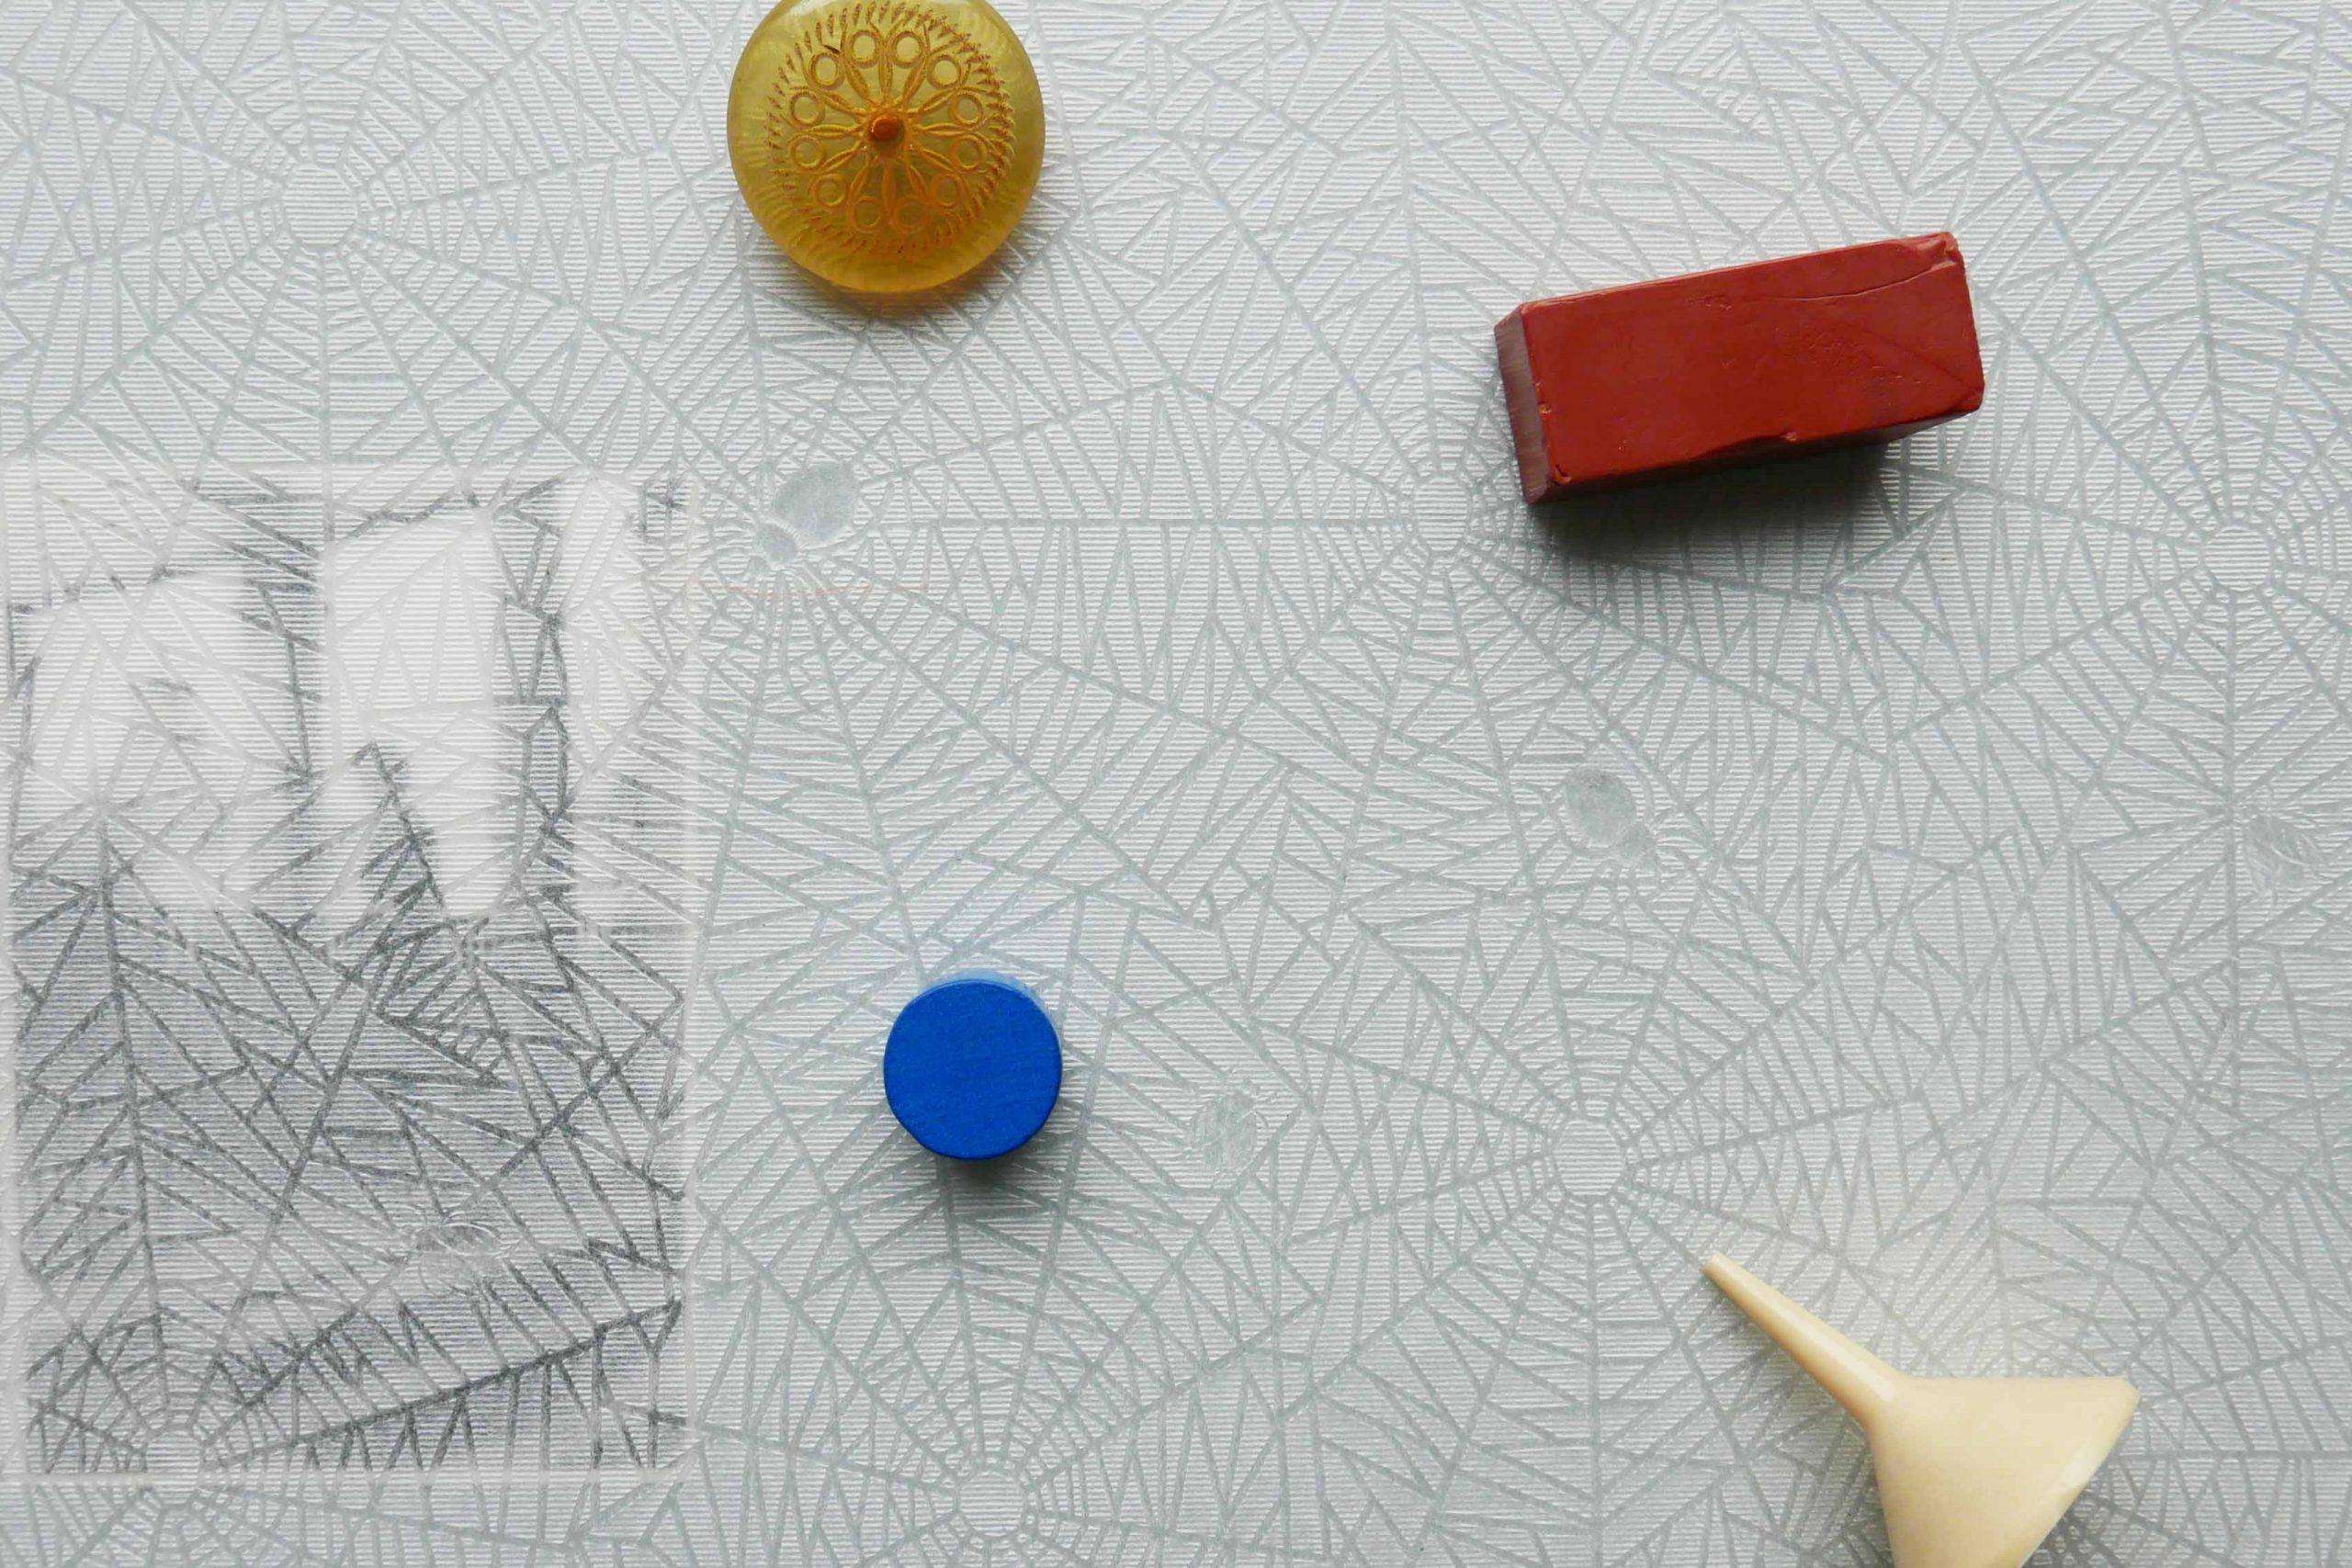 Minimalistischer Lebensstil kleine Gegenstände auf Seidenpapier